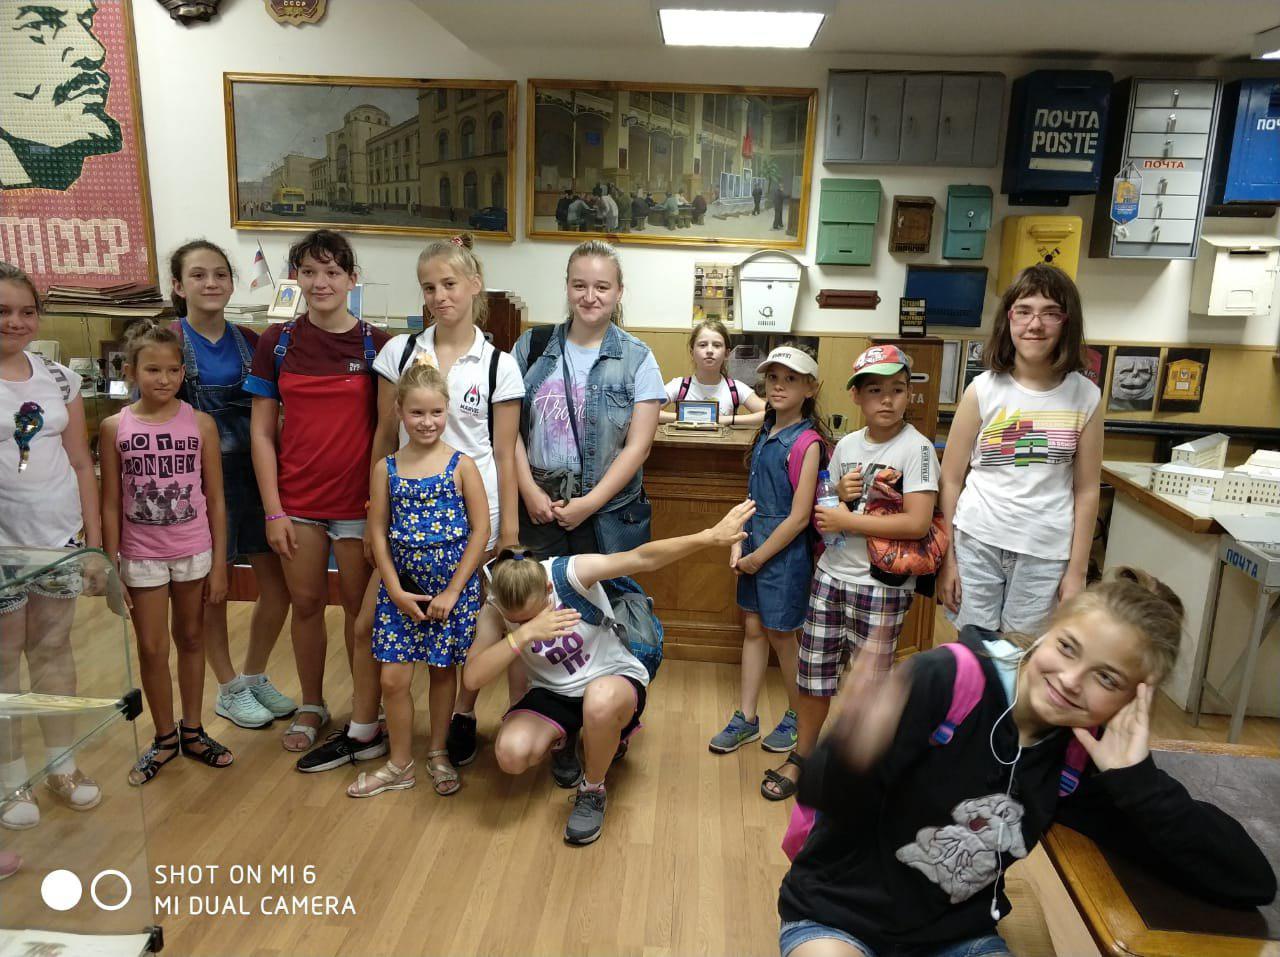 Школьники из Бибирева побывали в Музее почтовой связи и Московского почтампа